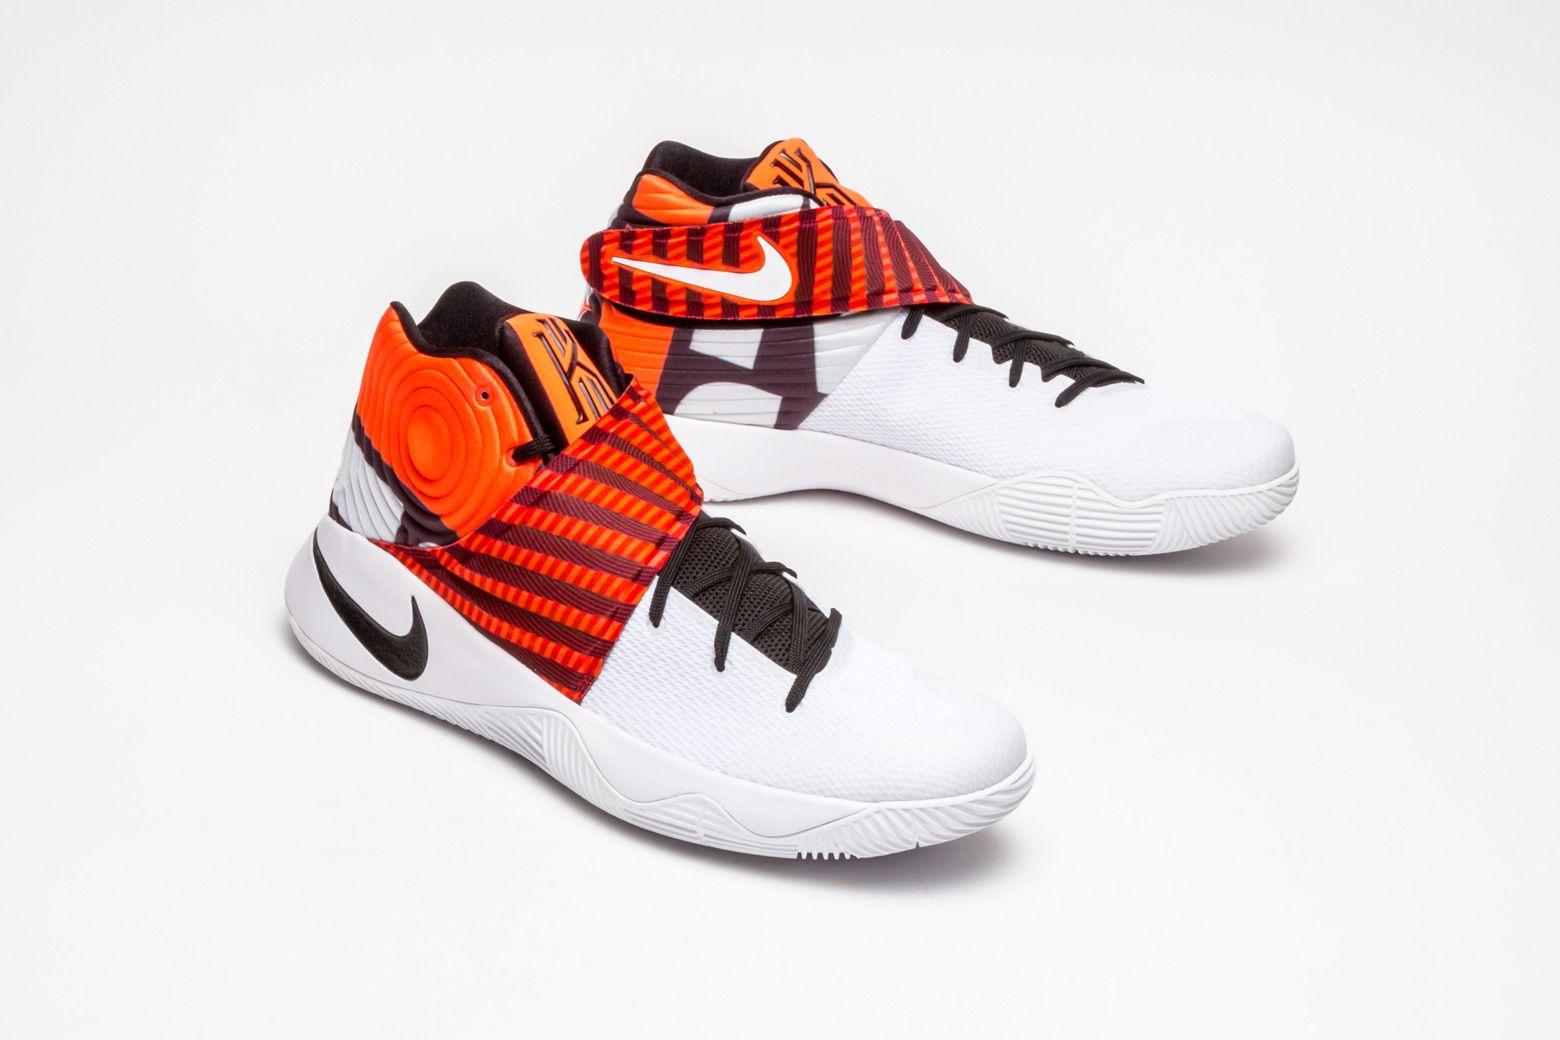 257c672c6fff Nike Kyrie 2 LMTD - 838639 990